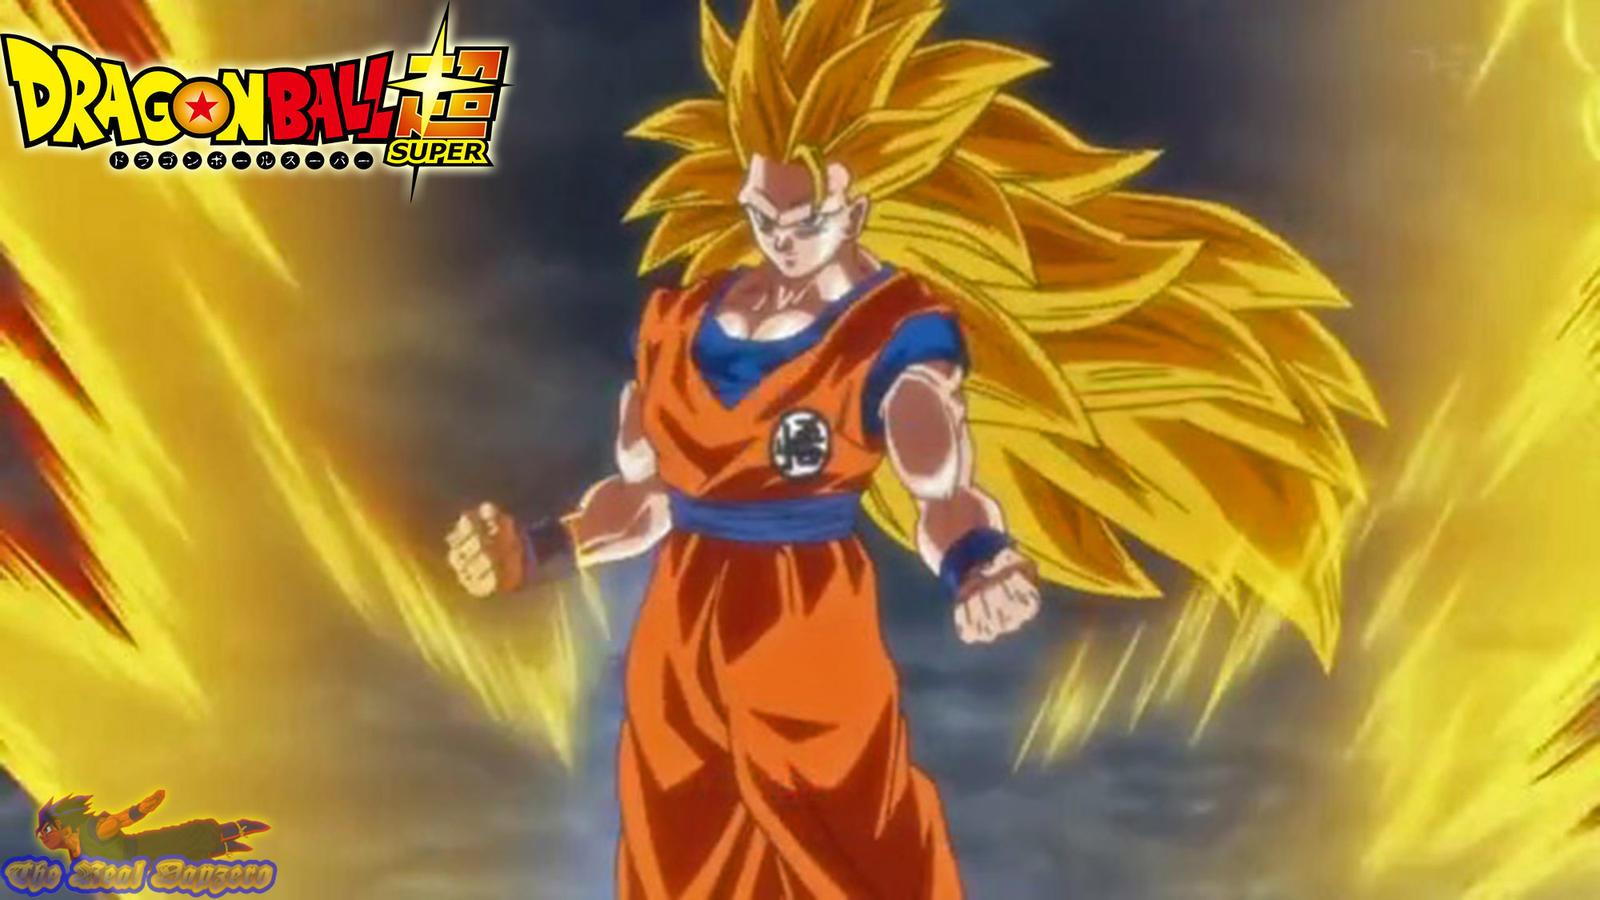 Goku Ssj4 Vs Goku Ssj3: Dragon Ball Super SSJ3 Goku By DapzeroTRD On DeviantArt